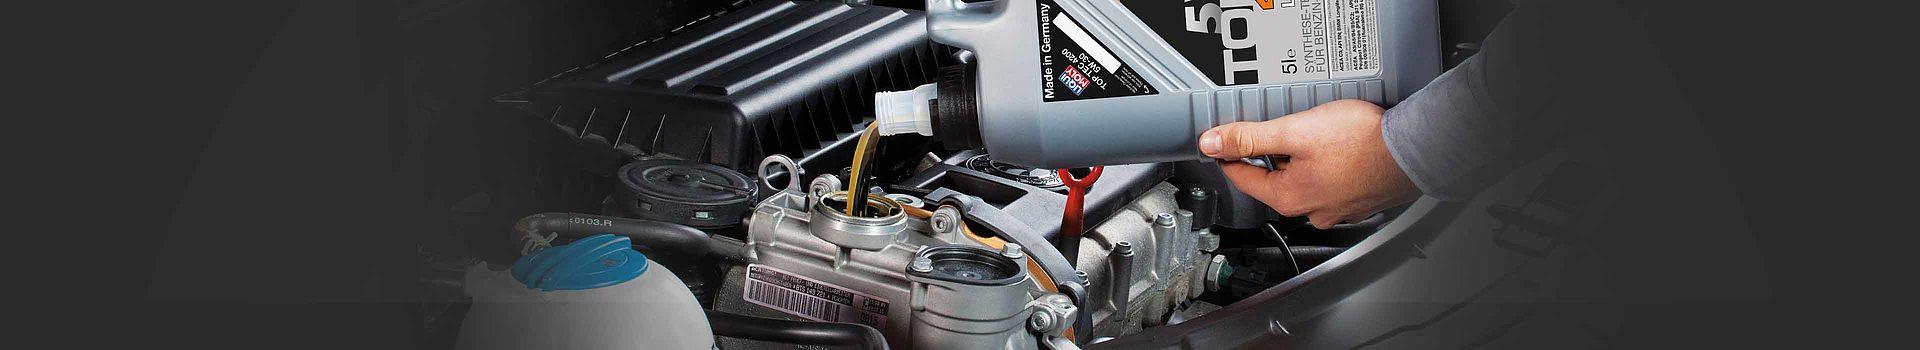 Visual zu unseren Motorölen, hier beim Einkippen eines TOP TEC Motoröls.